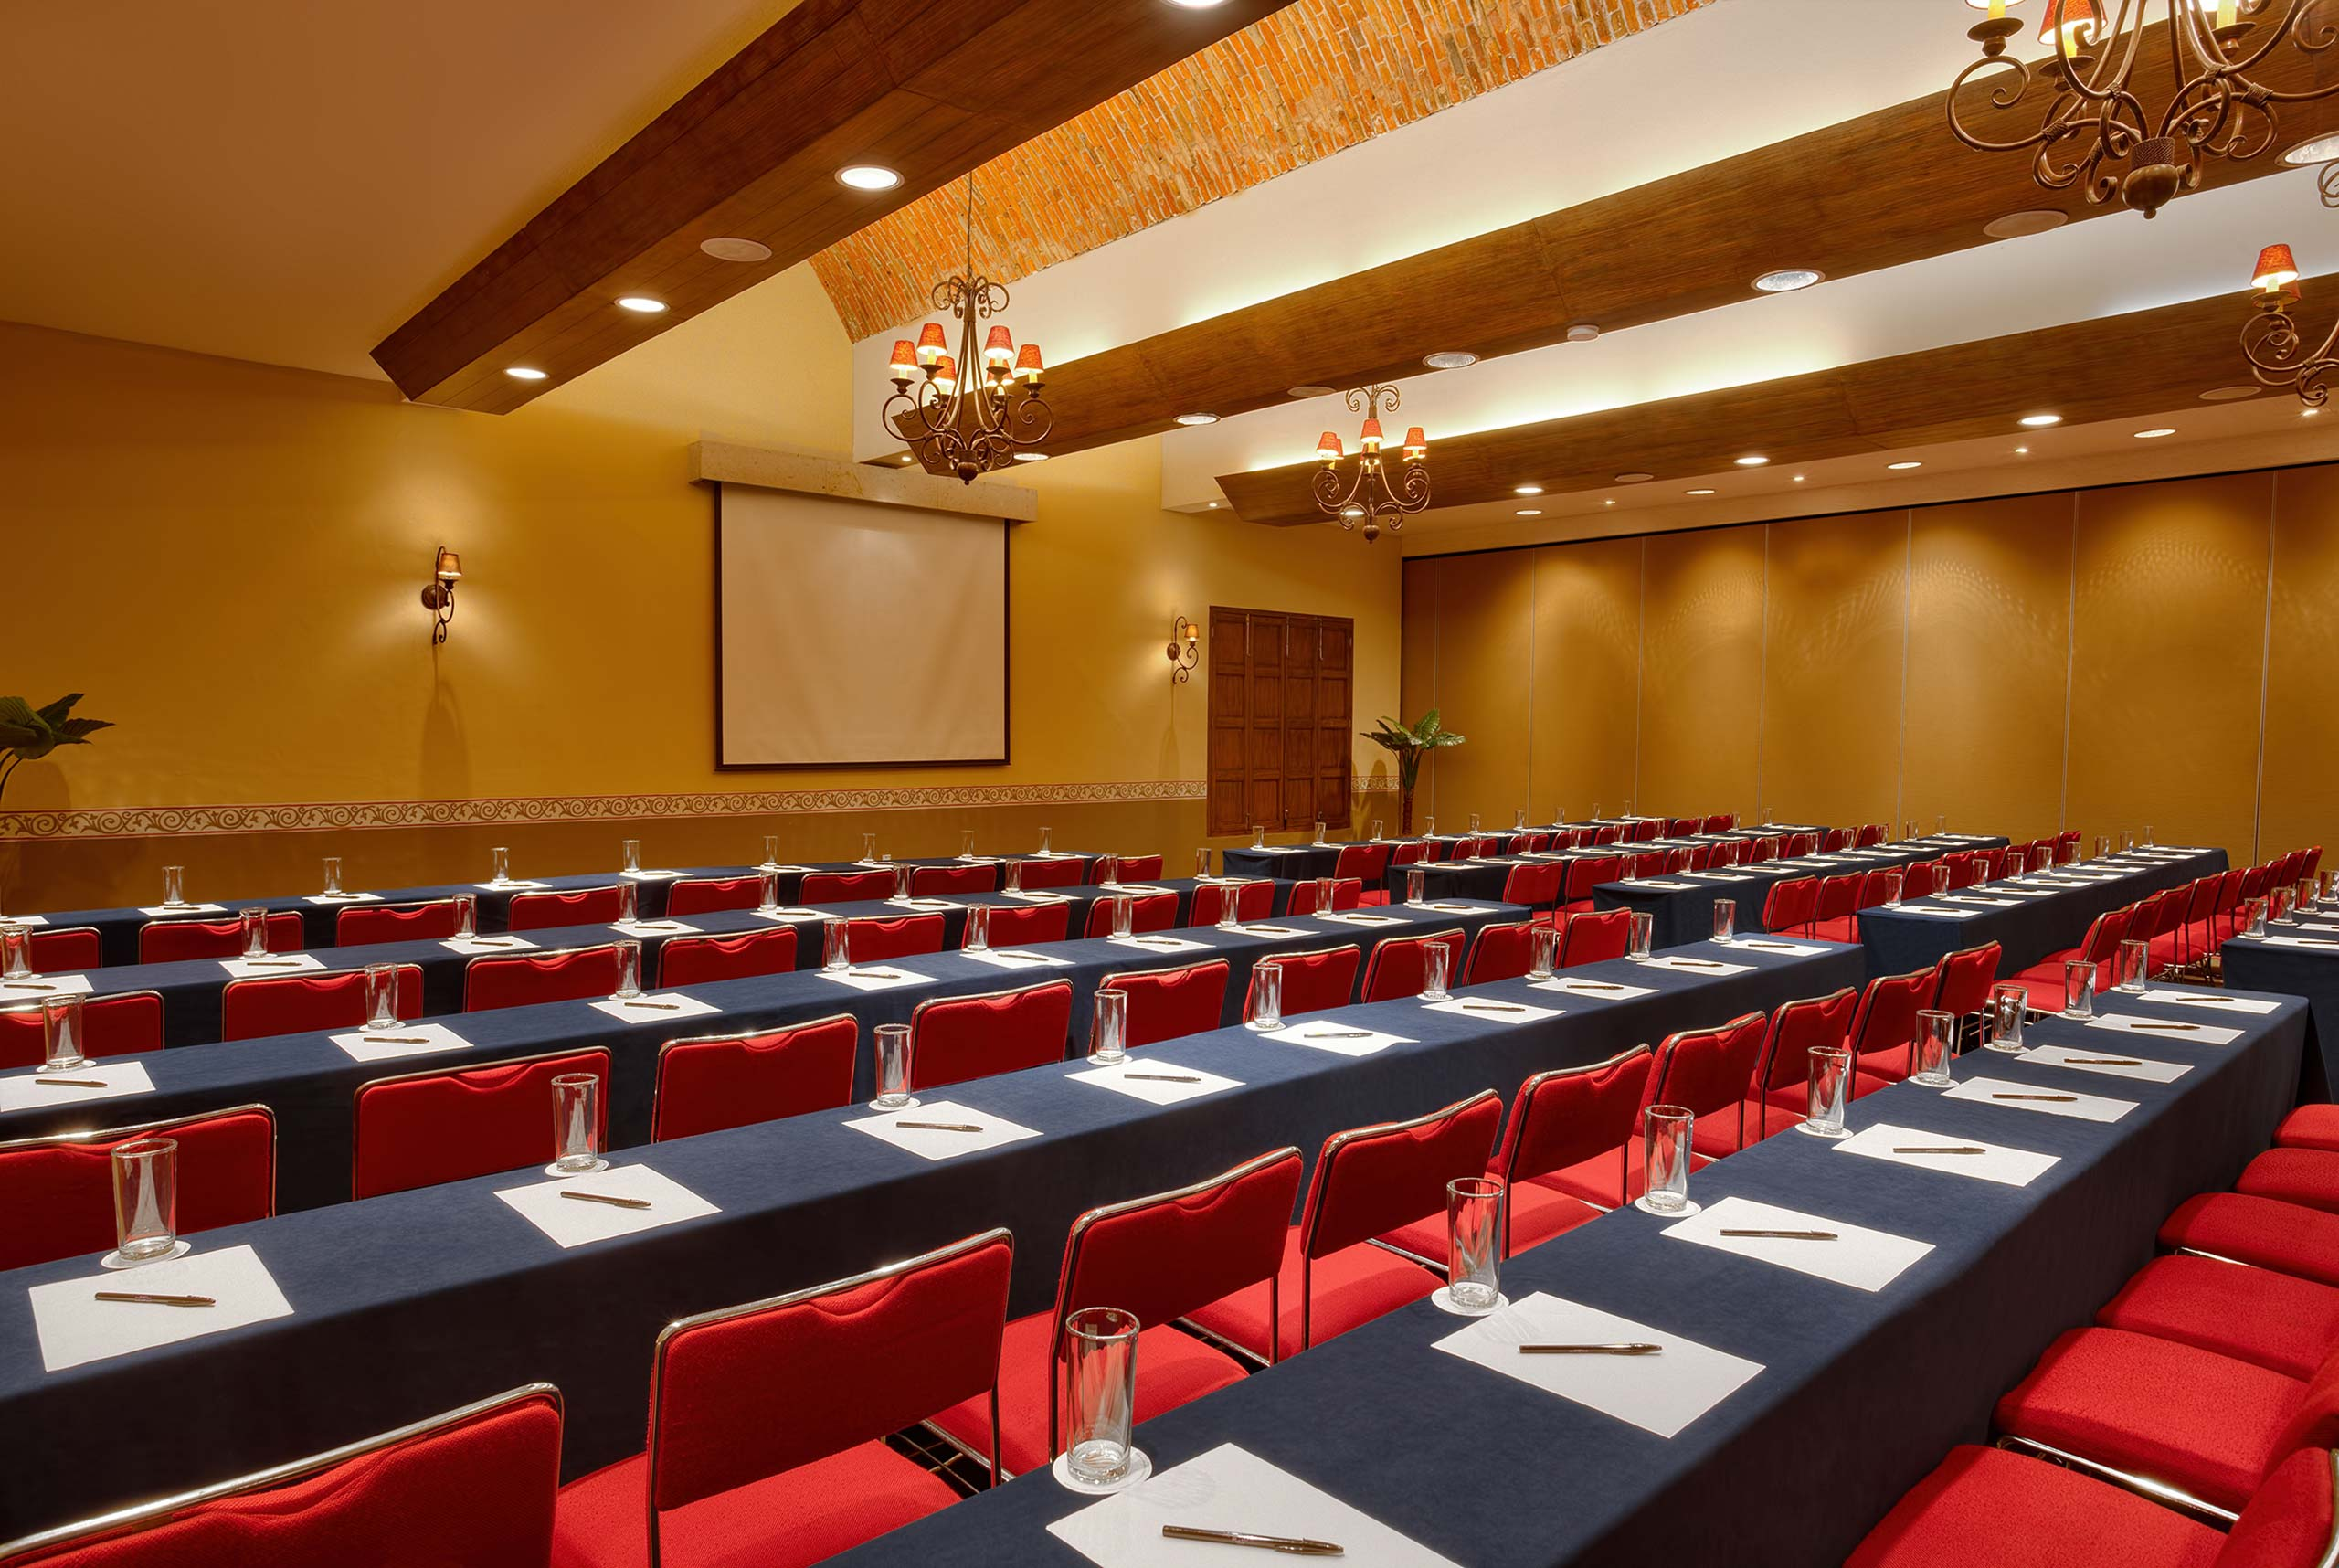 Espacio para reuniones en Hotel Hacienda Jurica by Brisas Queretaro